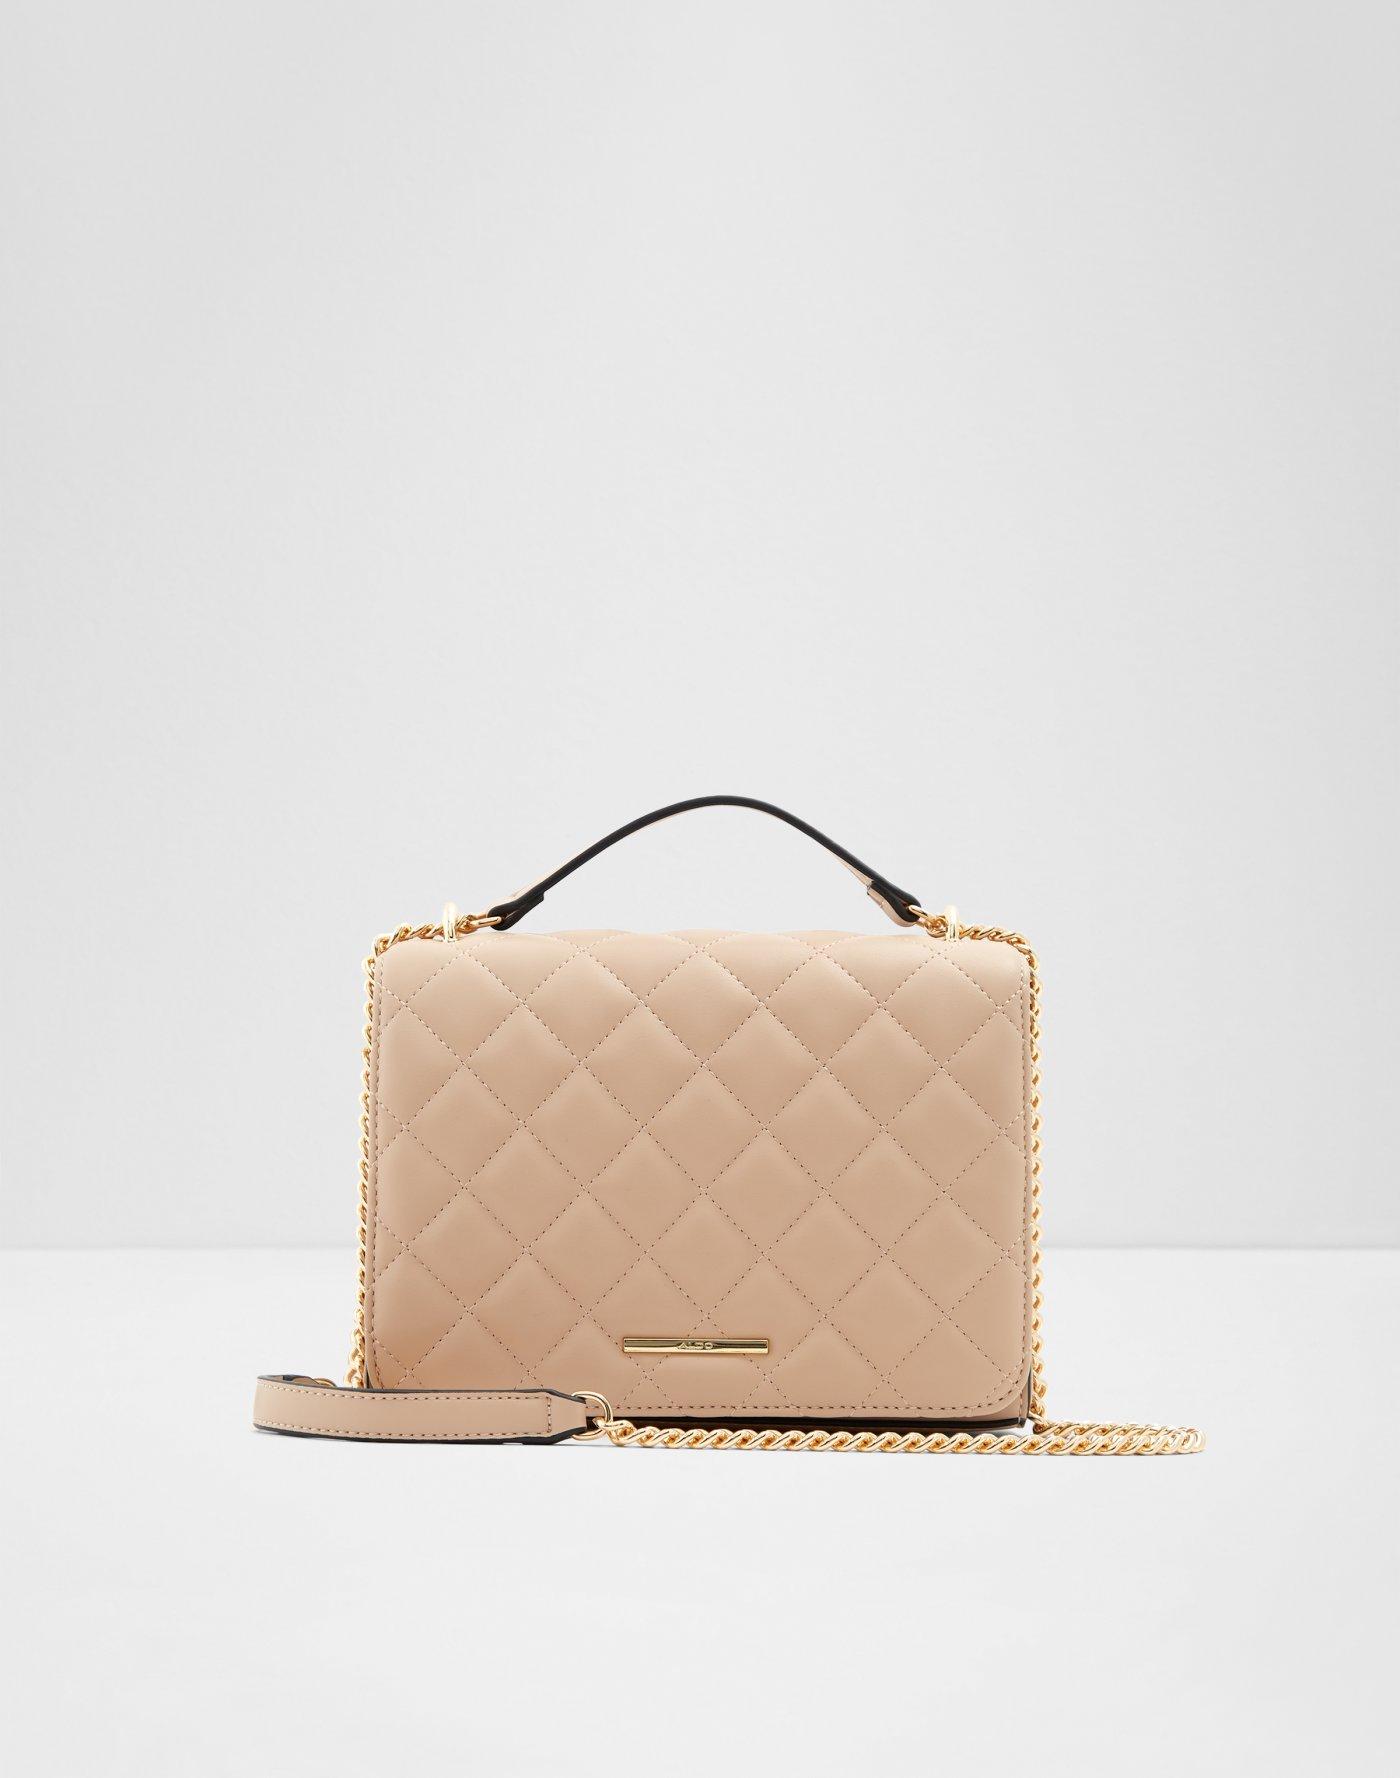 227470f719 All Handbags | Aldoshoes.com US